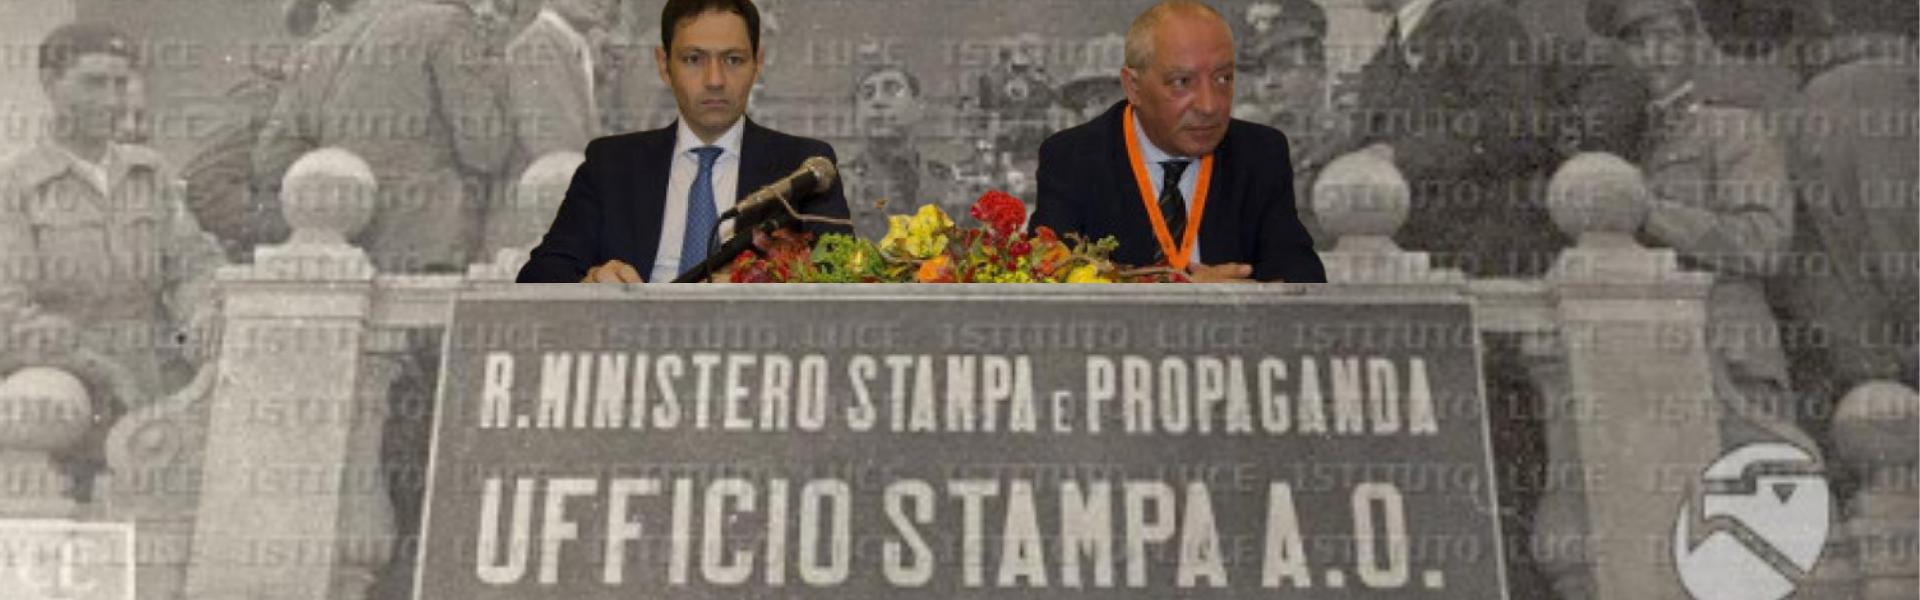 Acicastello: Il sindaco Scandurra si fa regalare il pass per le strisce blu e risparmia 50 euro al mese